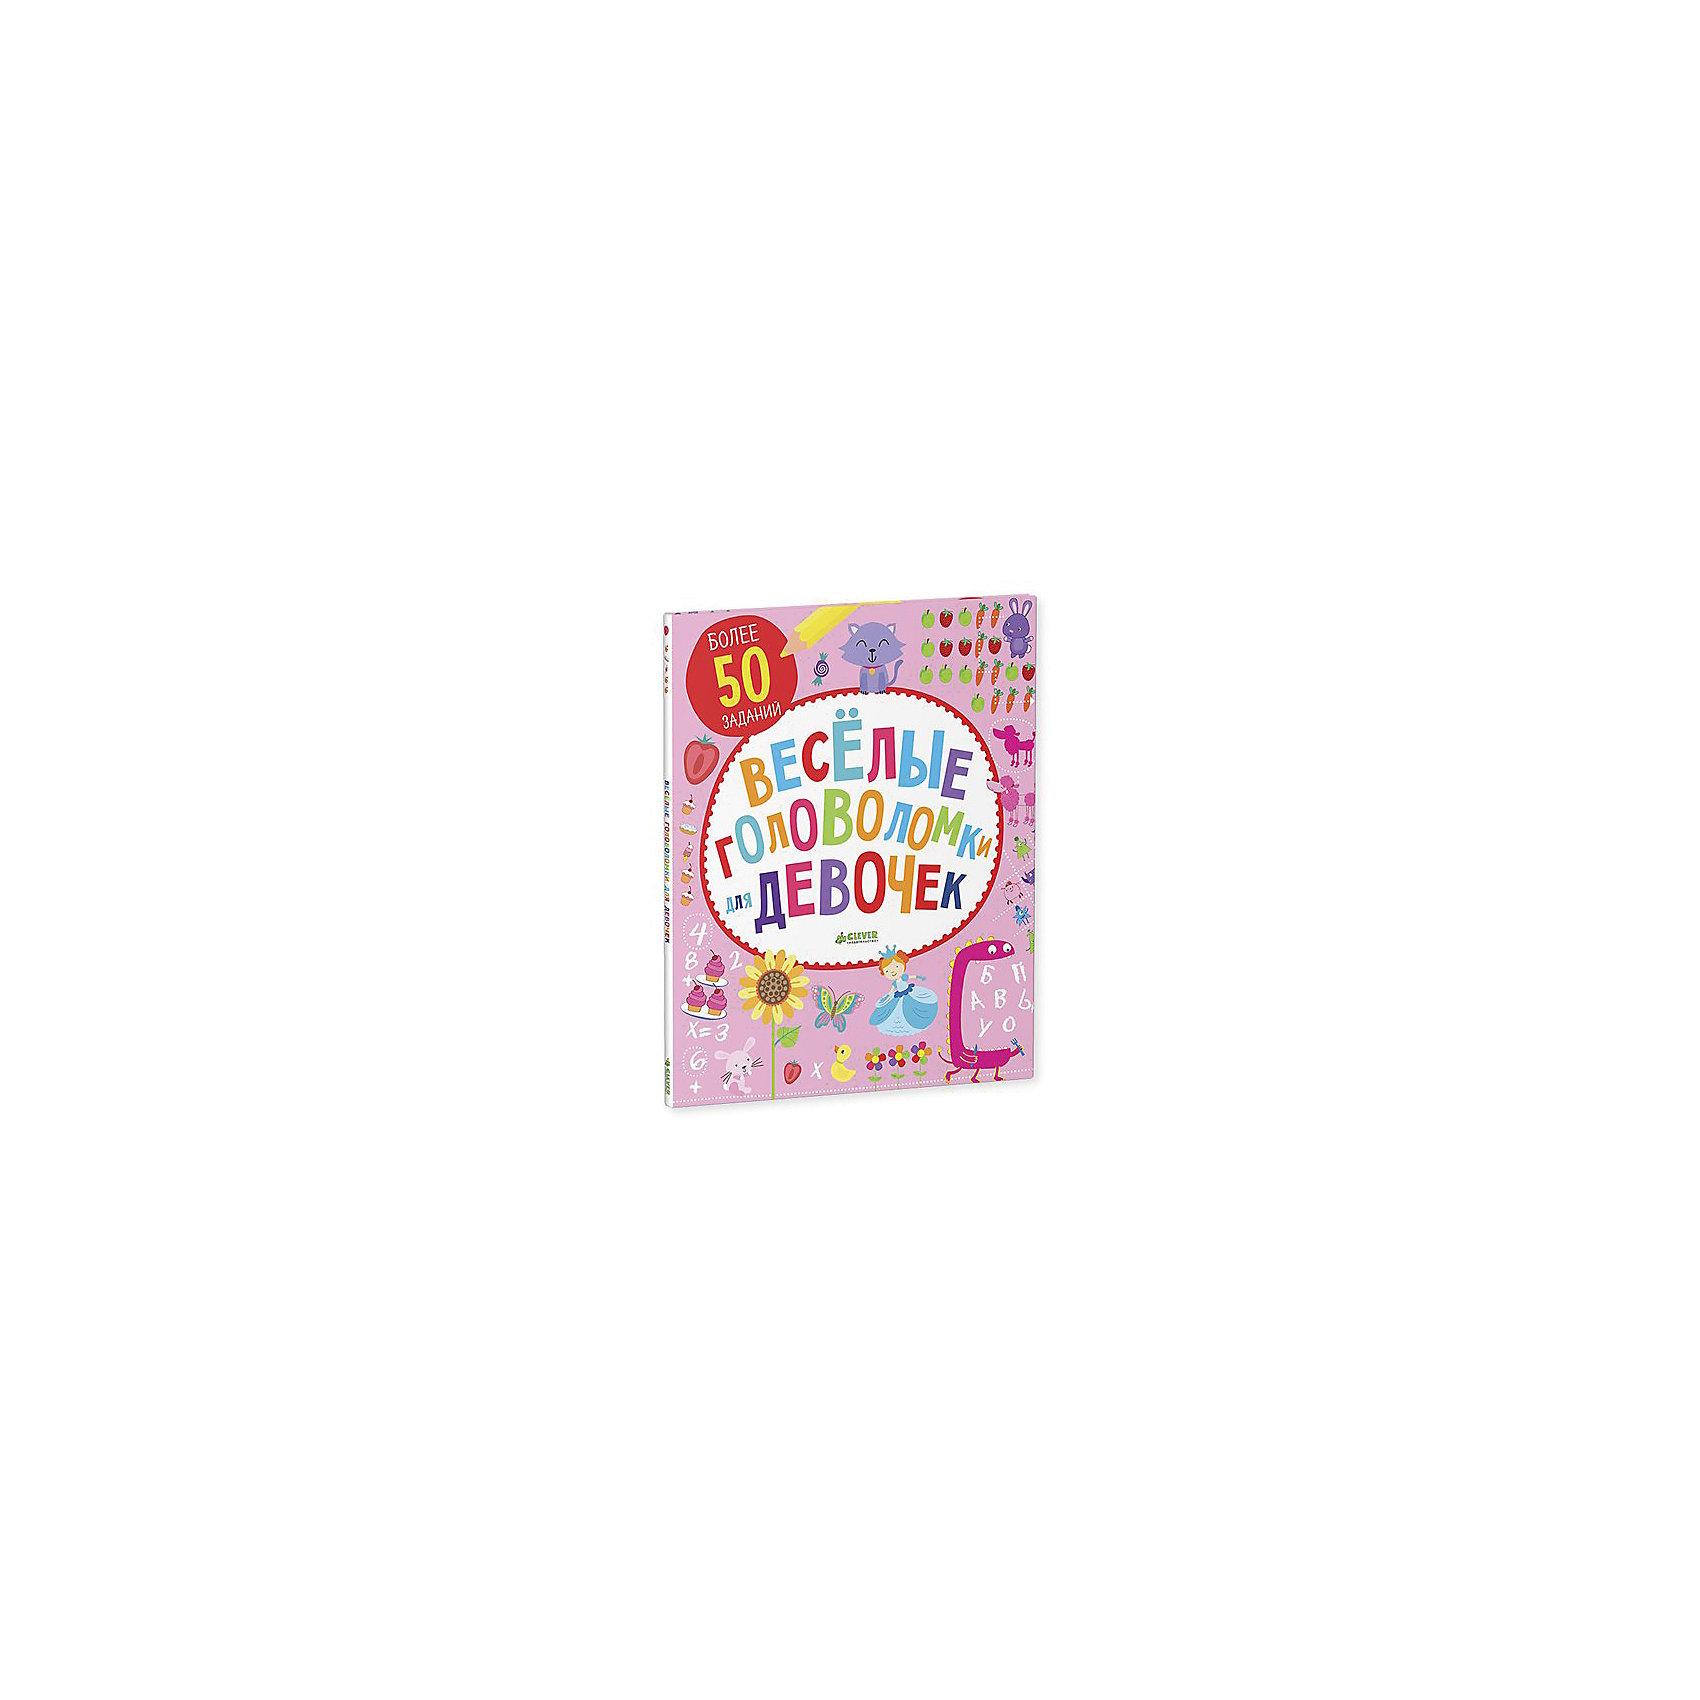 Книга Веселые головоломки для девочекКнига Веселые головоломки для девочек – это красочная книга, в которой более 50 занимательных заданий.<br>Скорее бери карандаш и приготовься решать головоломки! Увлекательные задания на логику и внимательность, интересные лабиринты, игры с числами и словами, задания на внимательность, лабиринты, находилки, бродилки и многое другое. Скучно не будет!<br><br>Дополнительная информация:<br><br>- Автор: Поттер Уильям<br>- Художники: Вуд Стив, Твоми Эмили, Аниель Изабель<br>- Переводчик: Покидаева Татьяна<br>- Редактор: Измайлова Елена<br>- Издательство: Клевер Медиа Групп, 2016 г.<br>- Серия: Рисуем и играем<br>- Тип обложки: мягкая<br>- Иллюстрации: цветные<br>- Количество страниц: 64<br>- Размер: 270x215x8 мм.<br>- Вес: 228 гр.<br><br>Книгу Веселые головоломки для девочек можно купить в нашем интернет-магазине.<br><br>Ширина мм: 270<br>Глубина мм: 215<br>Высота мм: 8<br>Вес г: 228<br>Возраст от месяцев: 84<br>Возраст до месяцев: 132<br>Пол: Женский<br>Возраст: Детский<br>SKU: 4621985